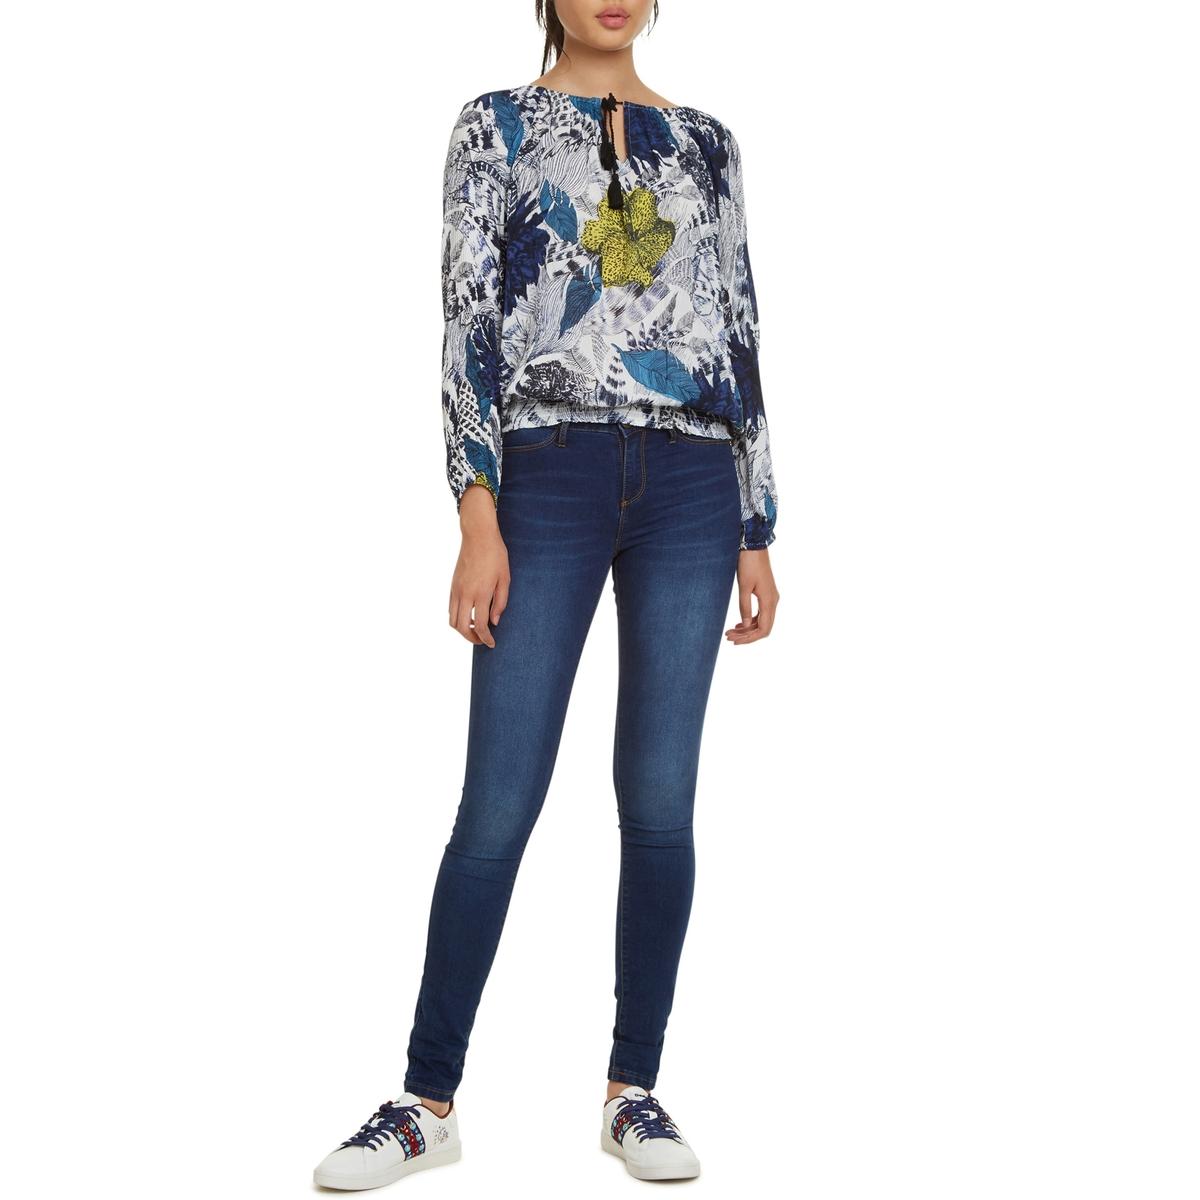 Blusa vaporosa con estampado de flores, manga larga